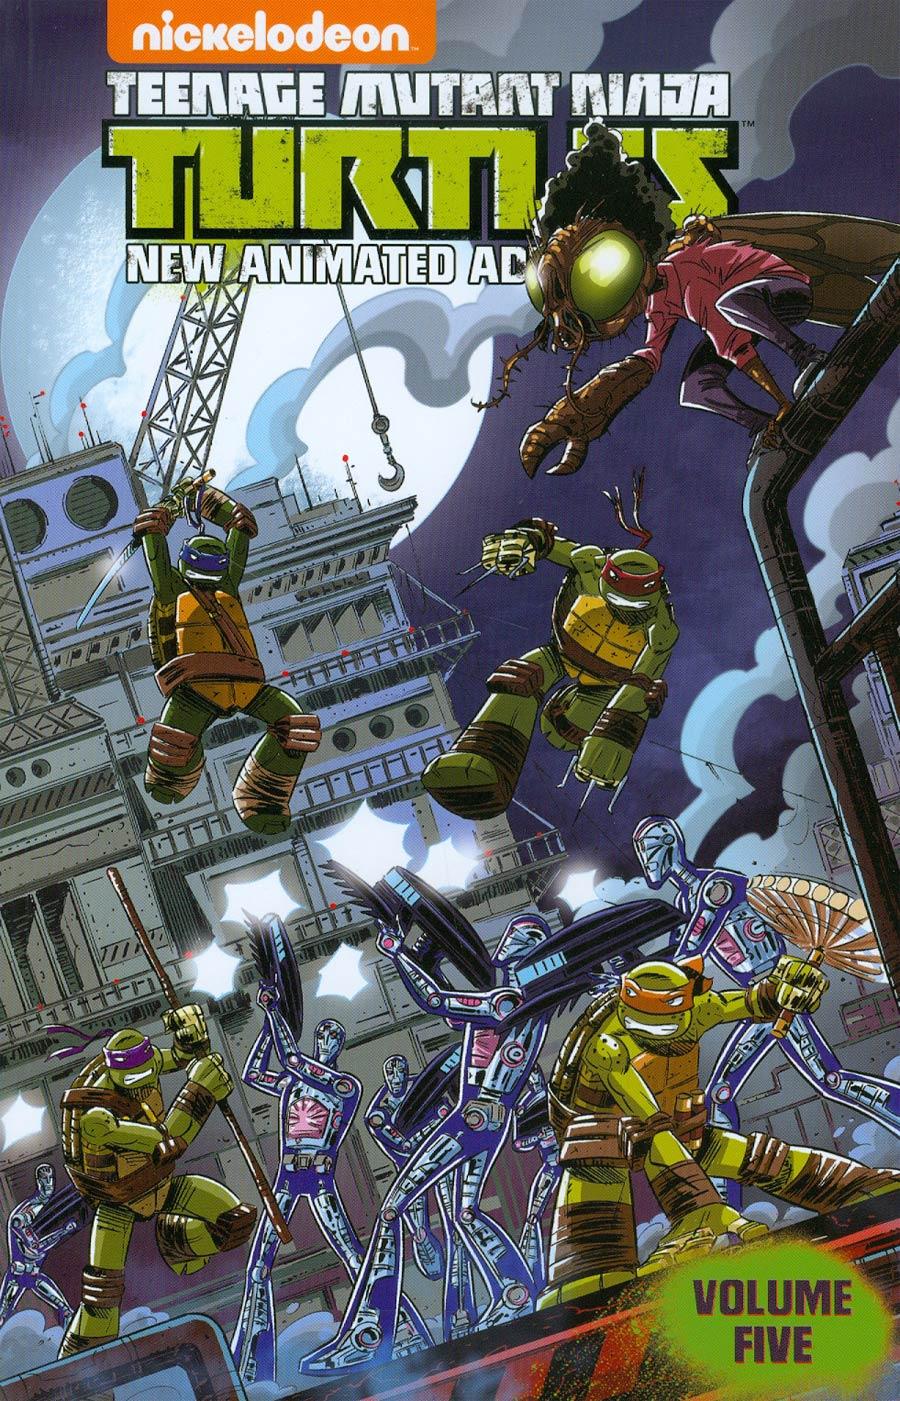 Teenage Mutant Ninja Turtles New Animated Adventures Vol 5 TP